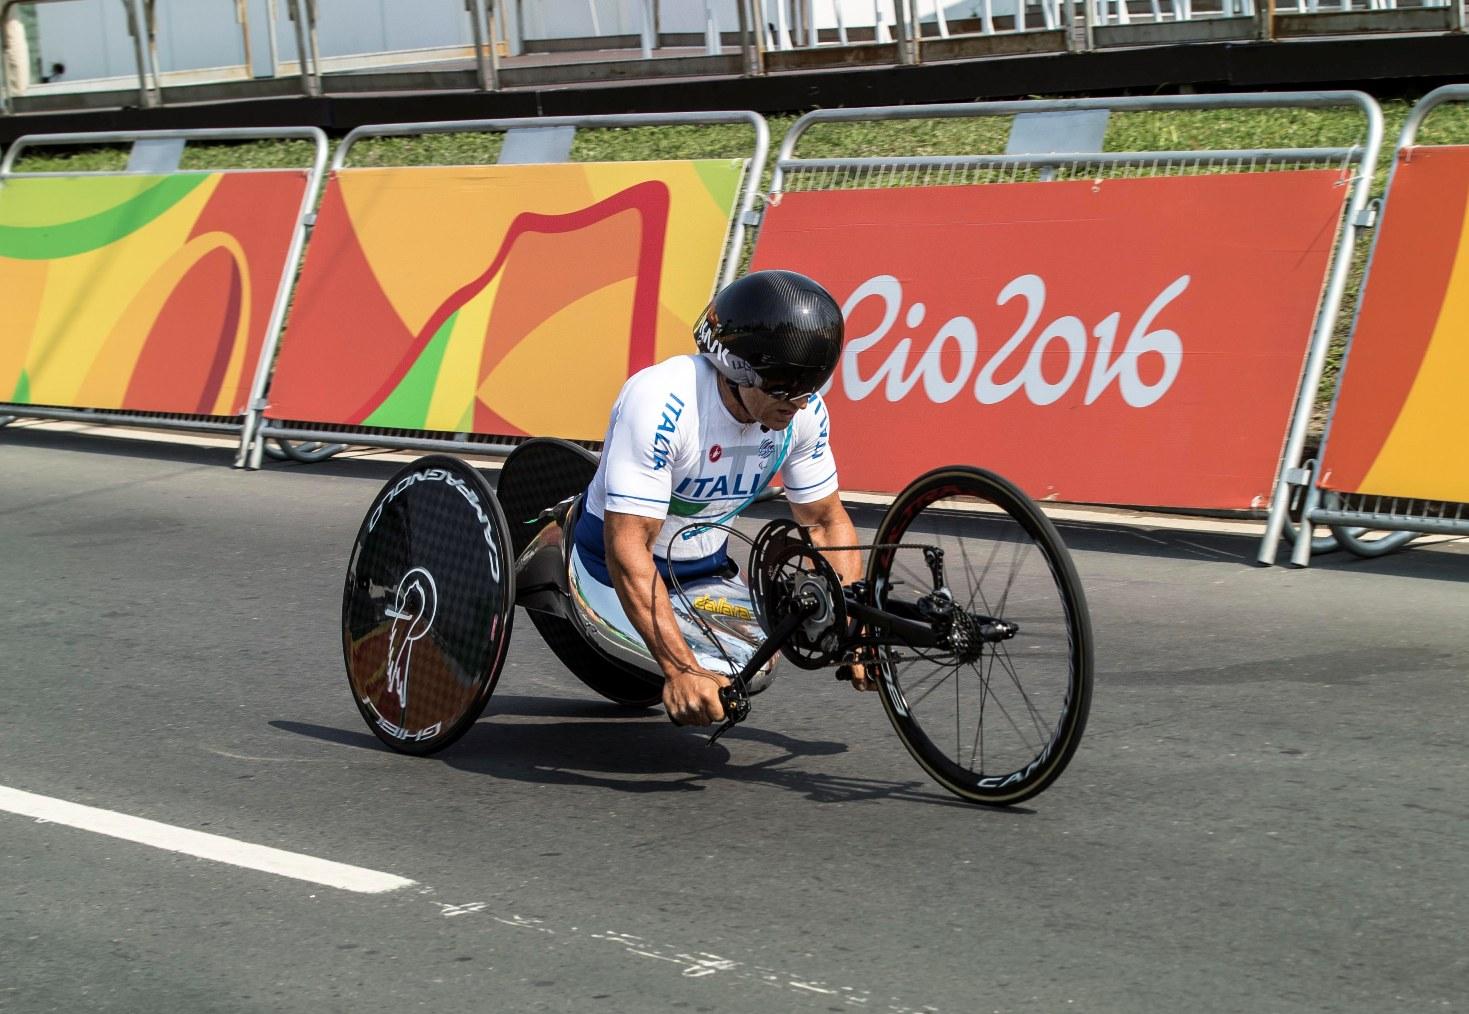 Alessandro Zanardi a castigat medalia de aur la Jocurile Paralimpice de la Rio de Janeiro